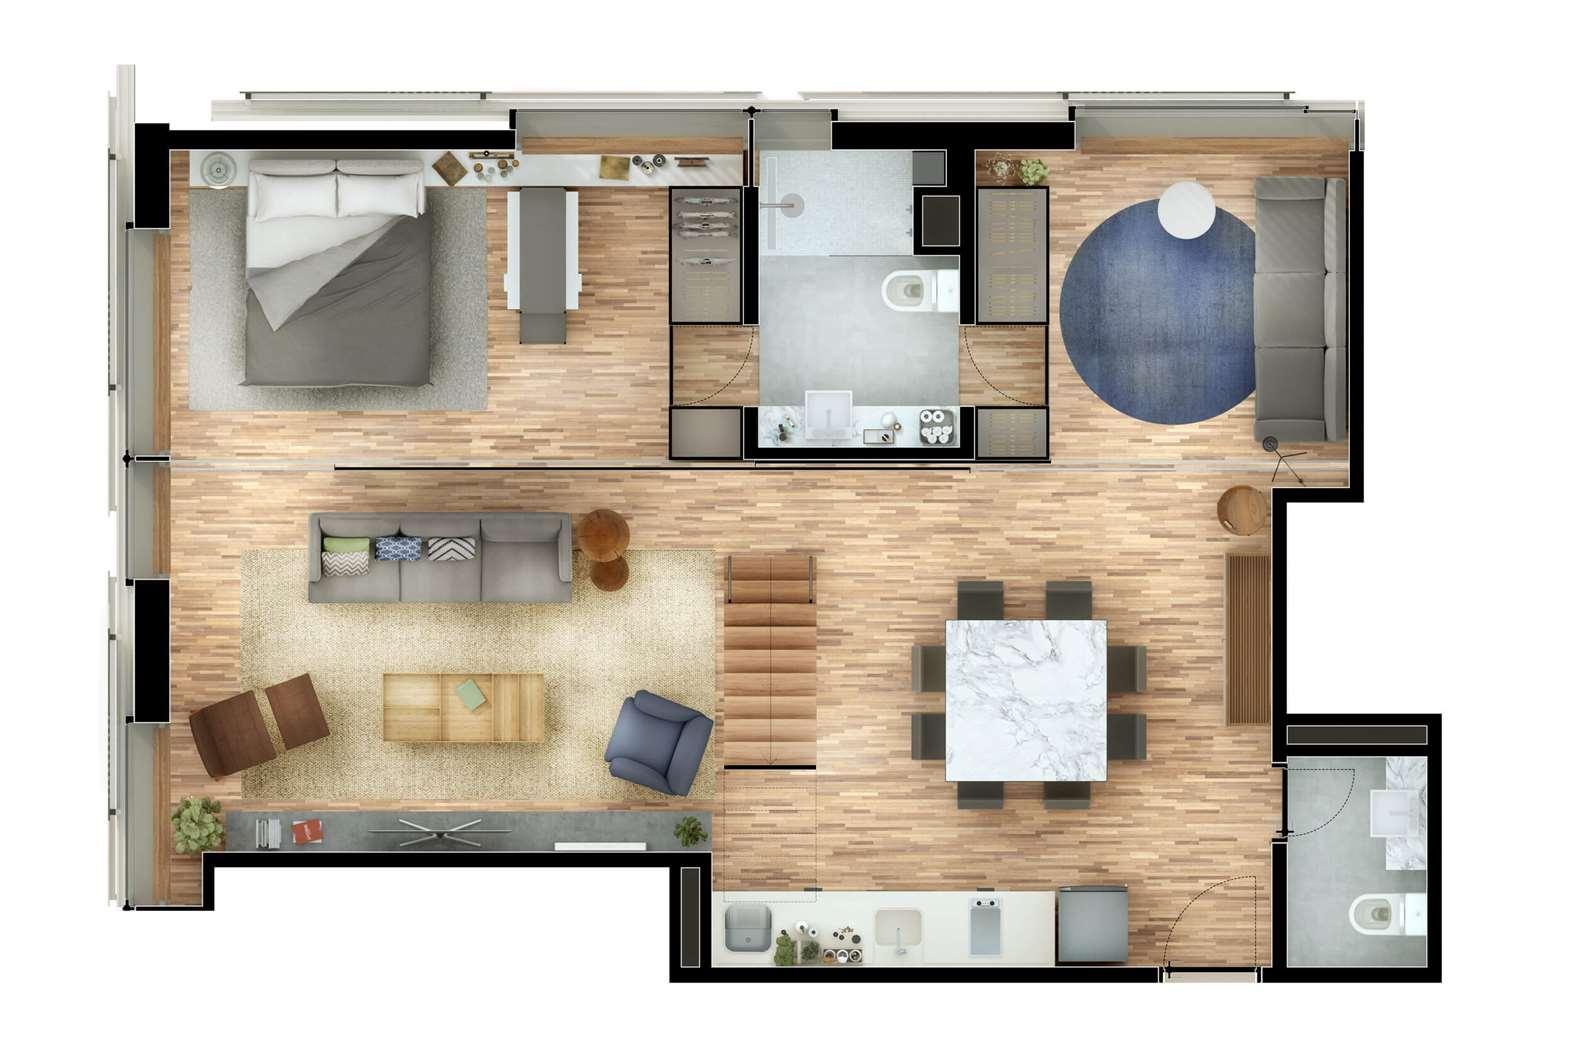 Cobertura Duplex 3 Dormitórios   115m² Pavimento Inferior